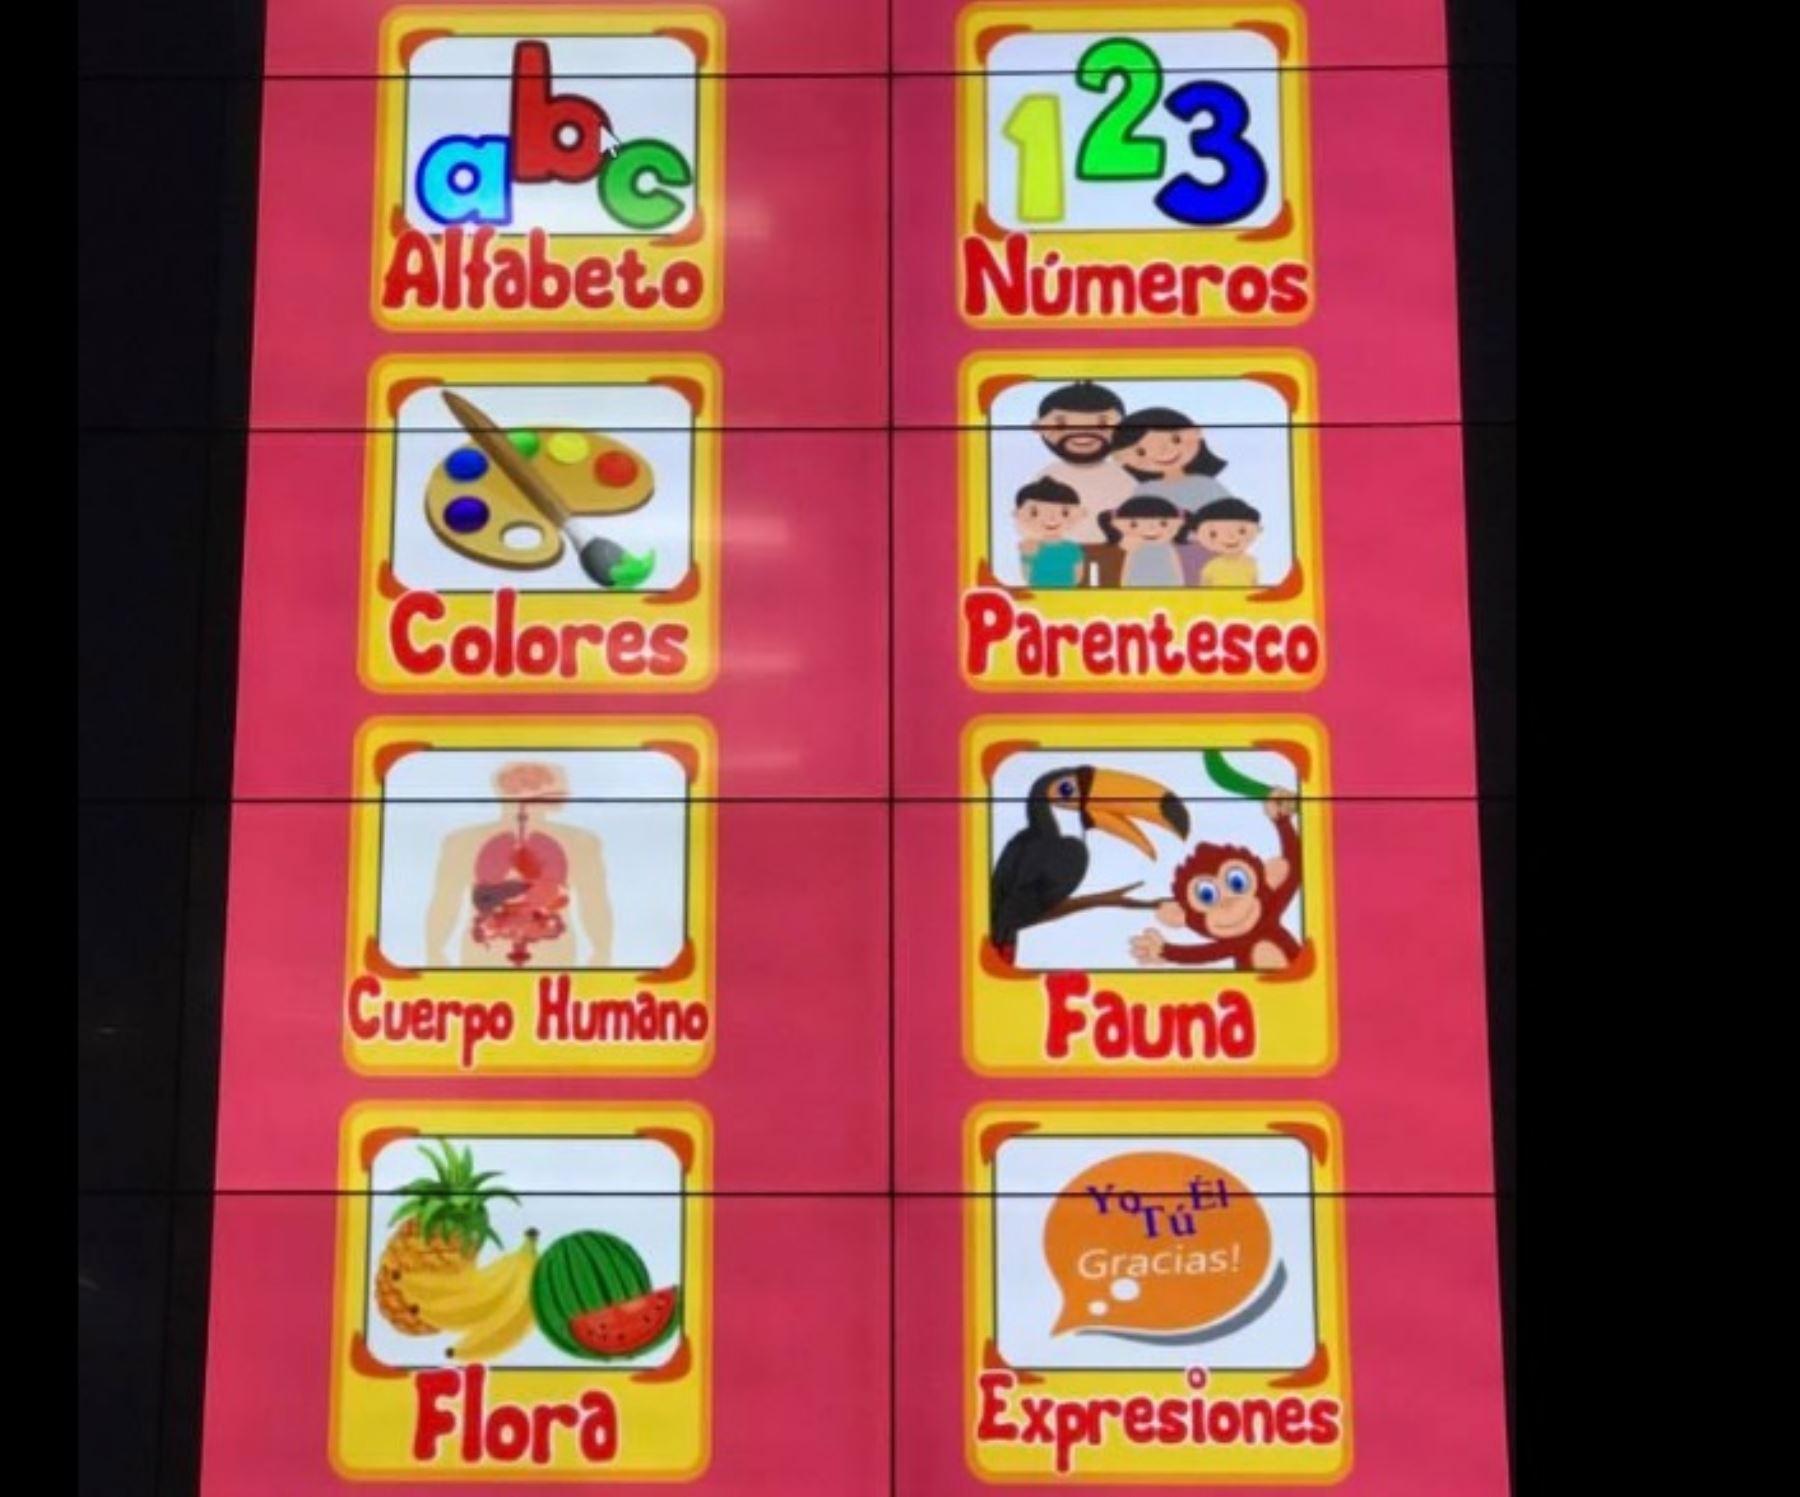 Son 15 aplicaciones (app) gratuitas para el aprendizaje de lenguas originarias amazónicas y preservación de su cultura, las que han sido creadas hasta el momento como parte del proyecto Comunidades Indígenas Inteligentes que desarrolla el Centro de Alto Rendimiento Computacional impulsado por el Instituto